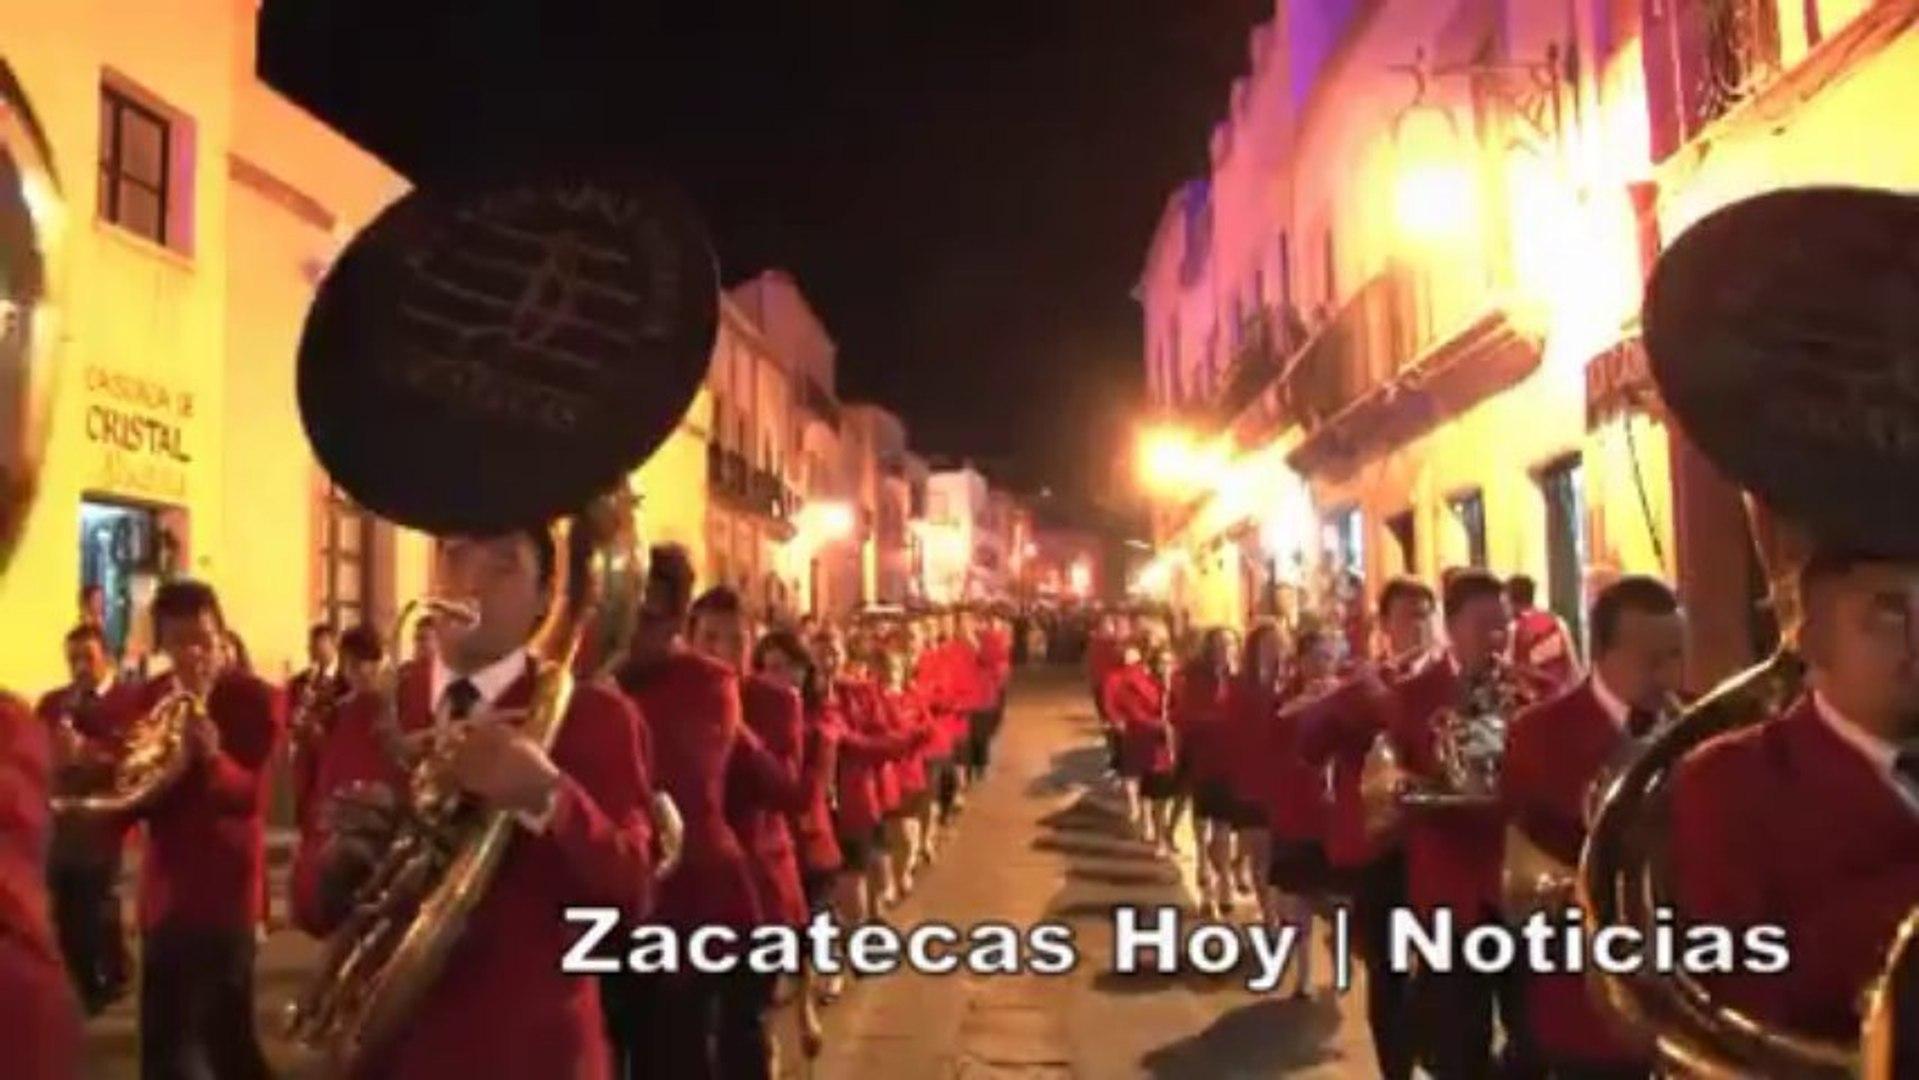 Bando Solemne Zacatecas Ciudad Patrimonio de la Humanidad